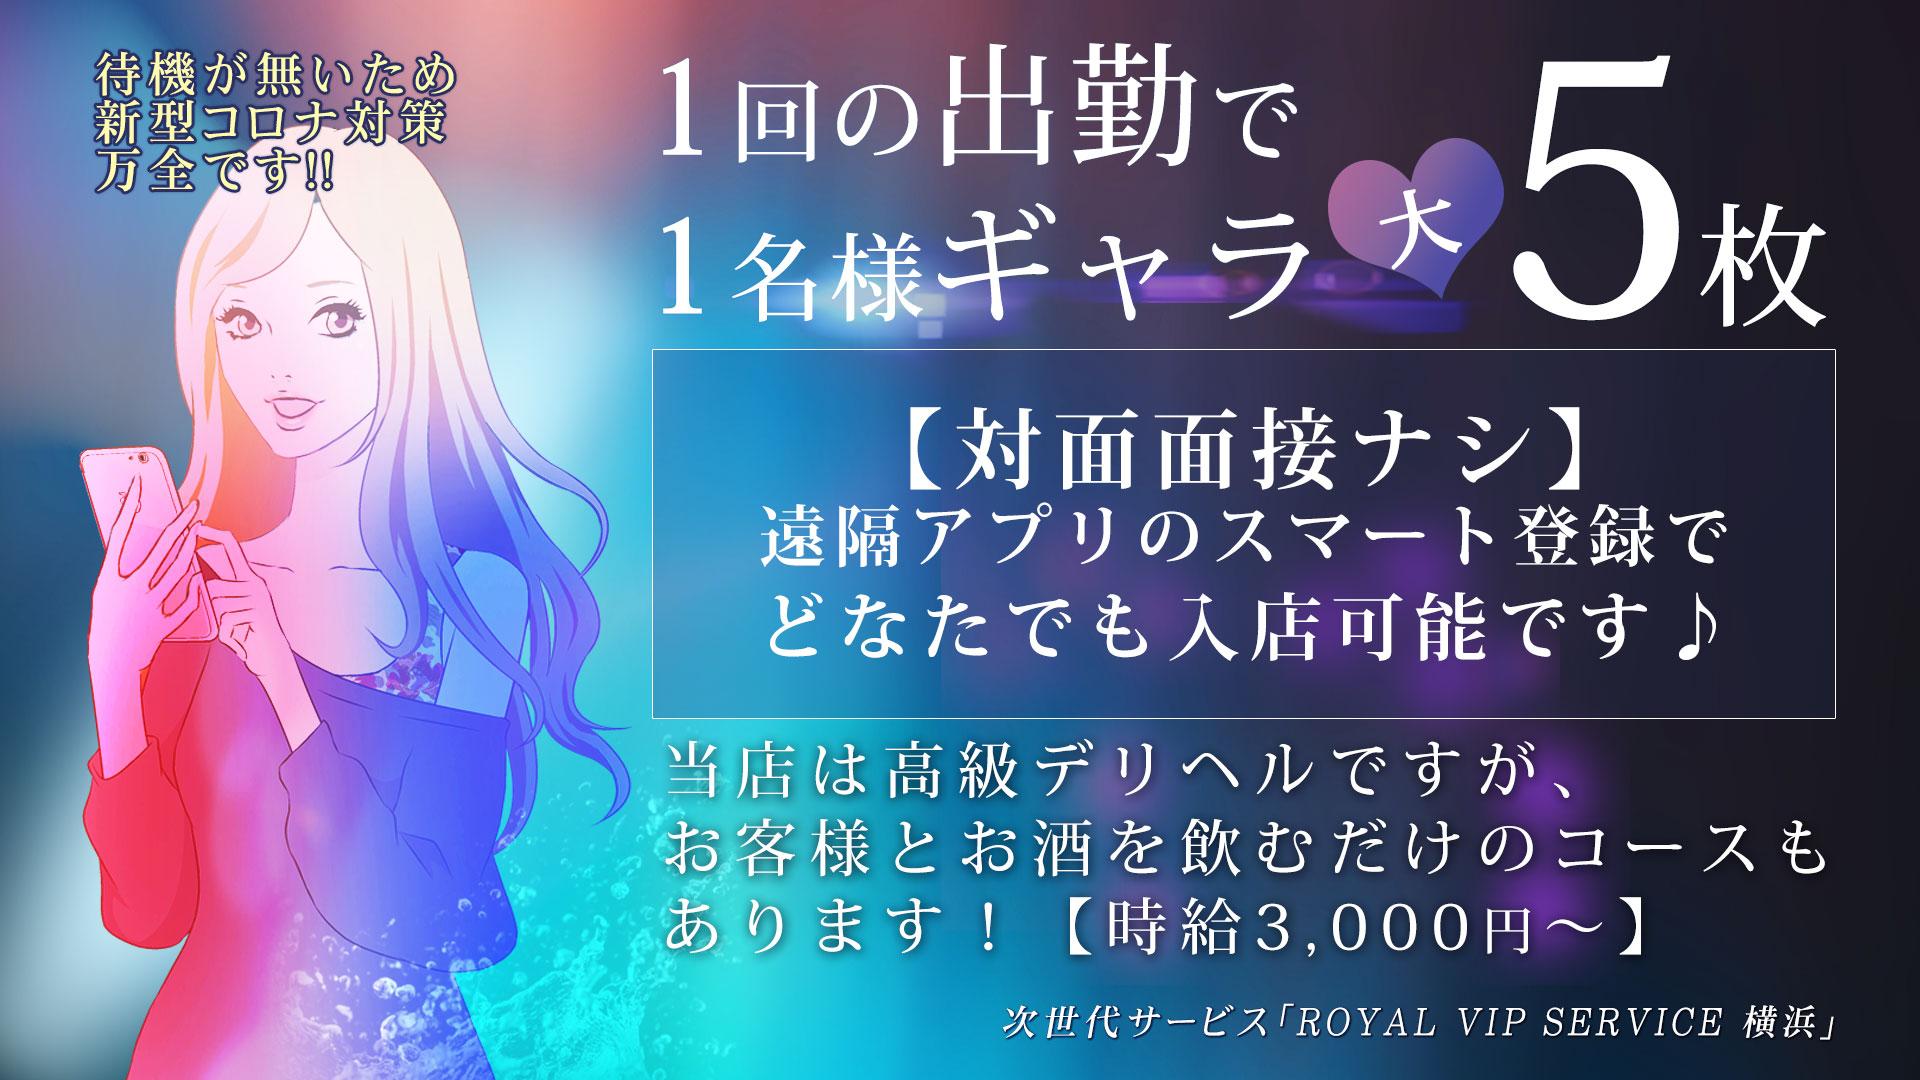 ロイヤル・ビップ・サービス 横浜の求人画像